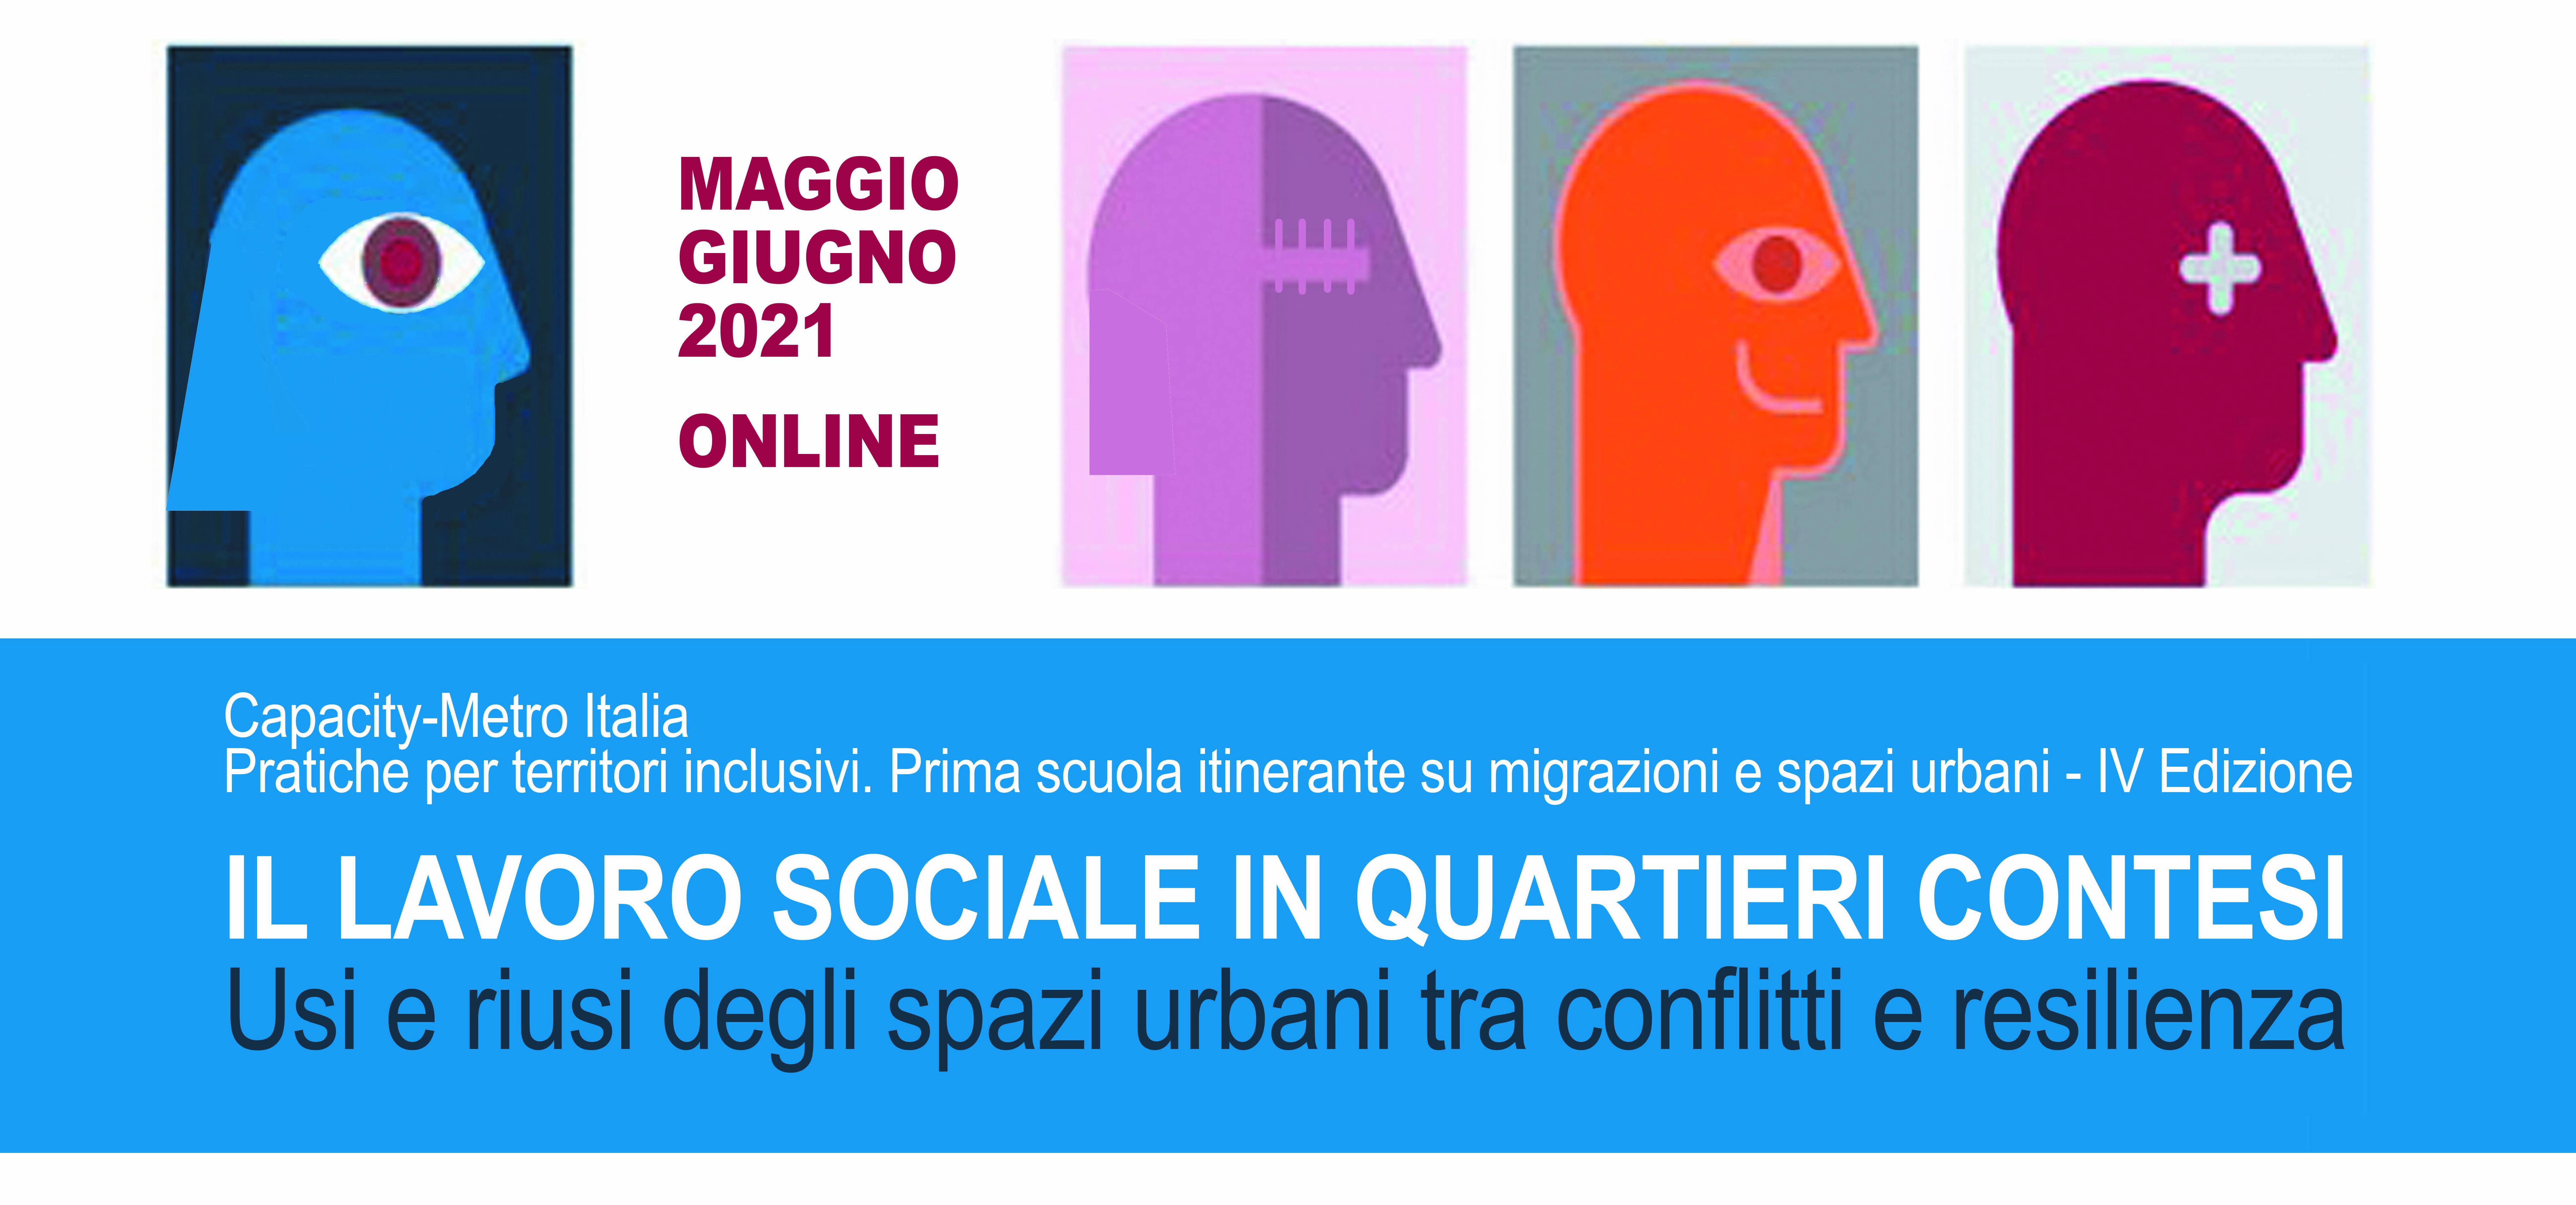 Scuola Itinerante su migrazione e spazi urbani: al via la quarta edizione